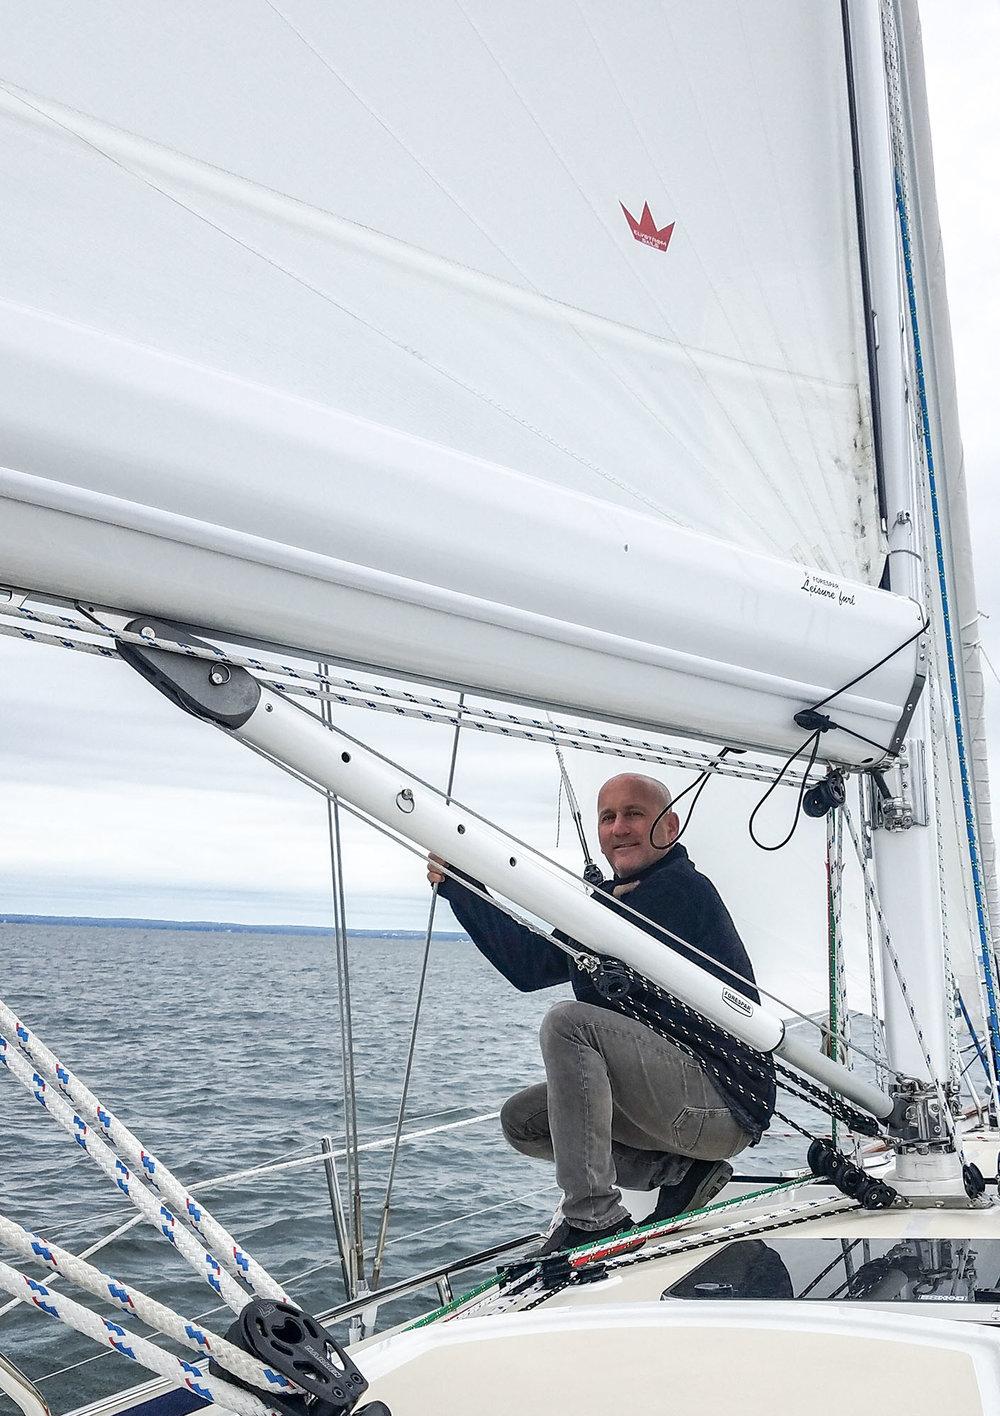 Sailboat-6.jpg